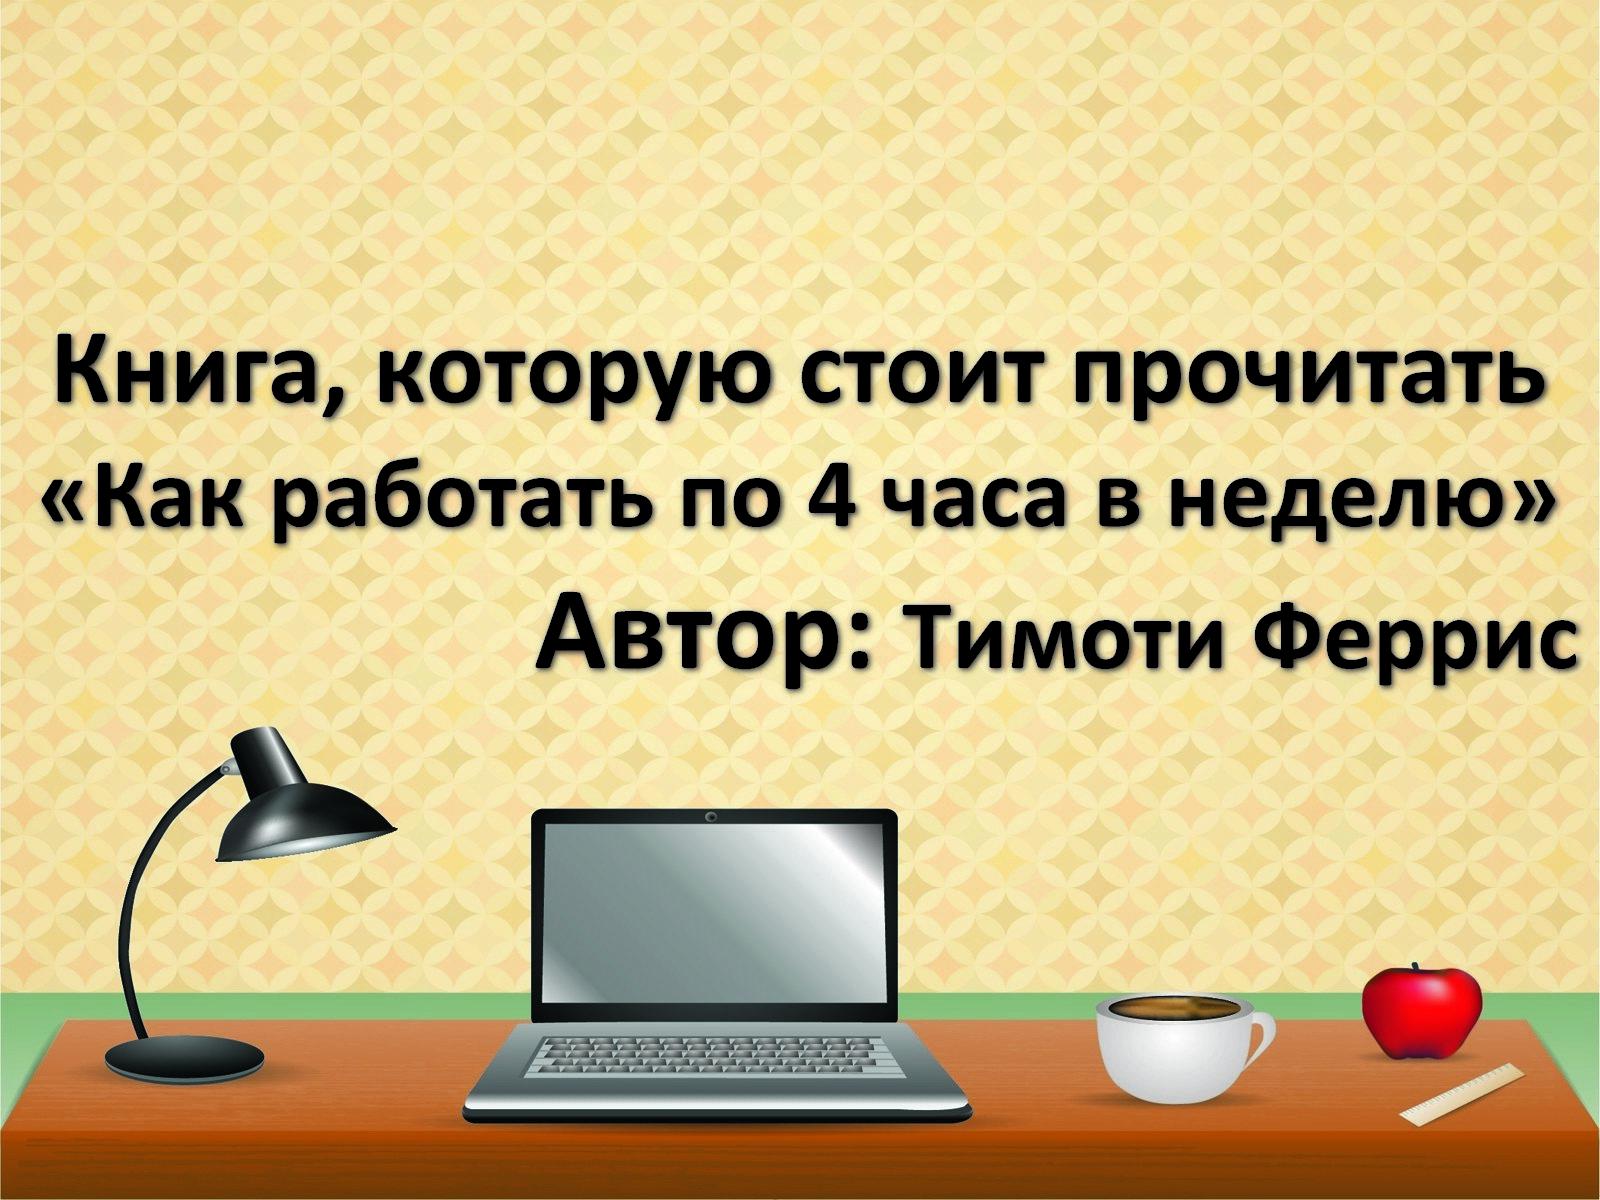 Тимоти Феррис «Как работать по 4 часа в неделю»